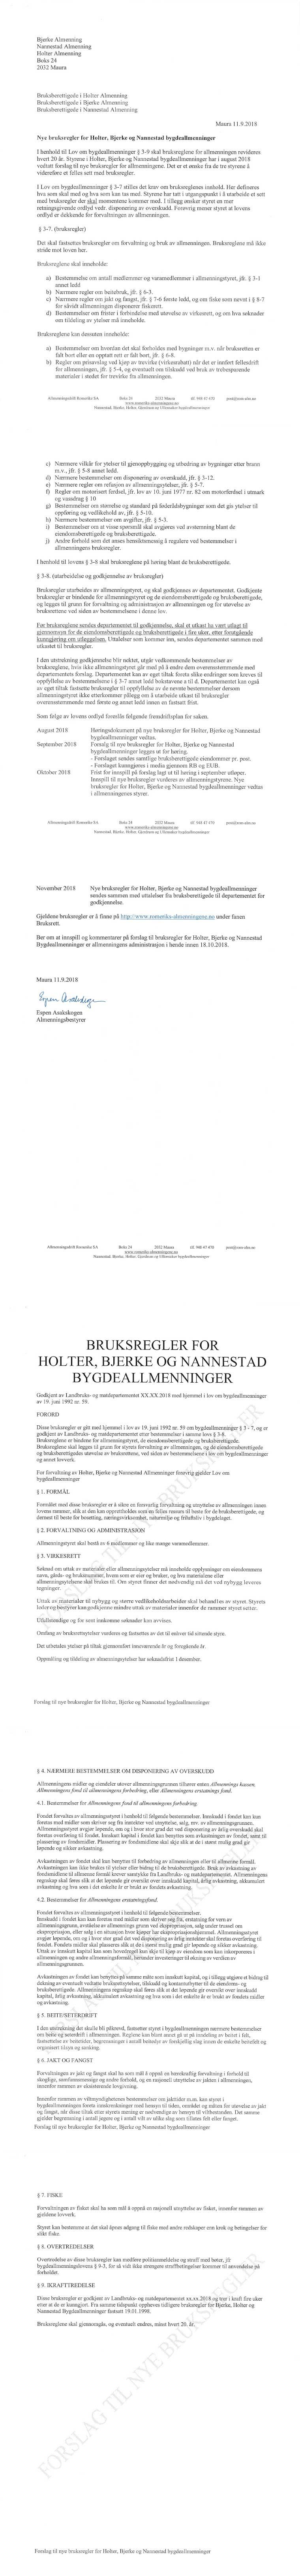 Forslag-til-nye-bruksregler-i-Bjerke,-Holter-og-Nannestad-Bygdeallmenninger-1